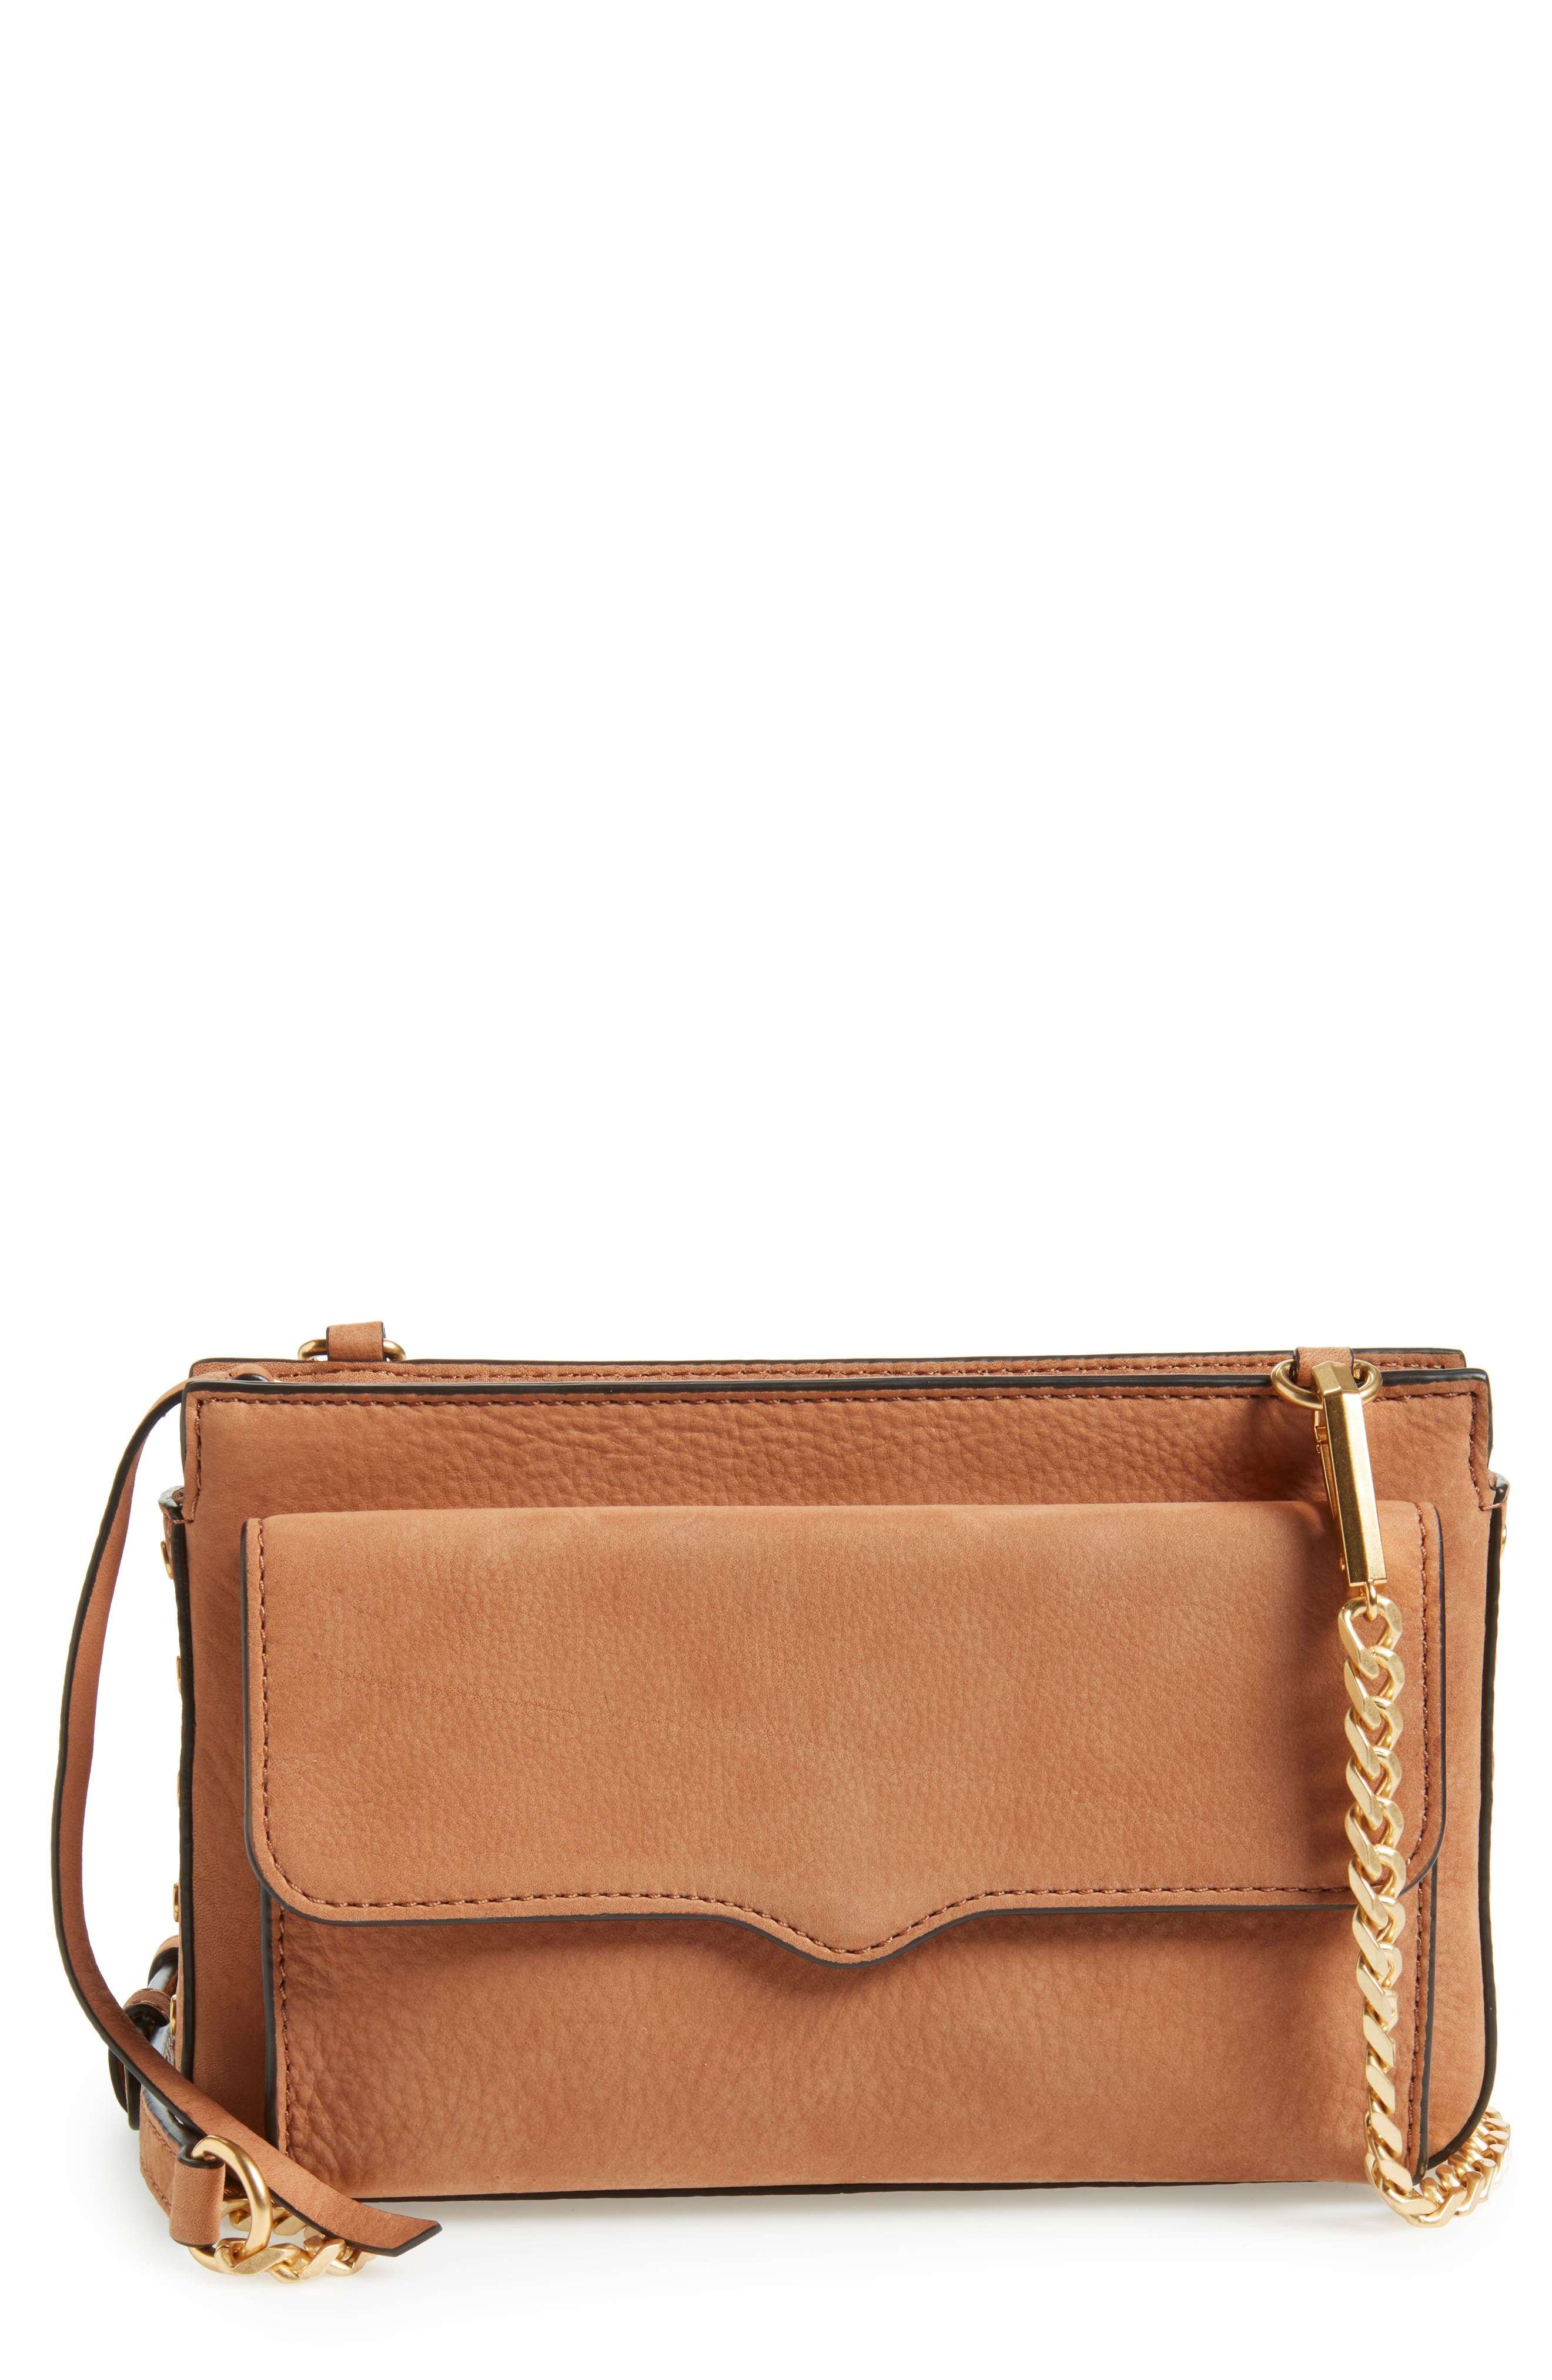 Medium Bree Nubuck Crossbody Wallet,                         Main,                         color, 230